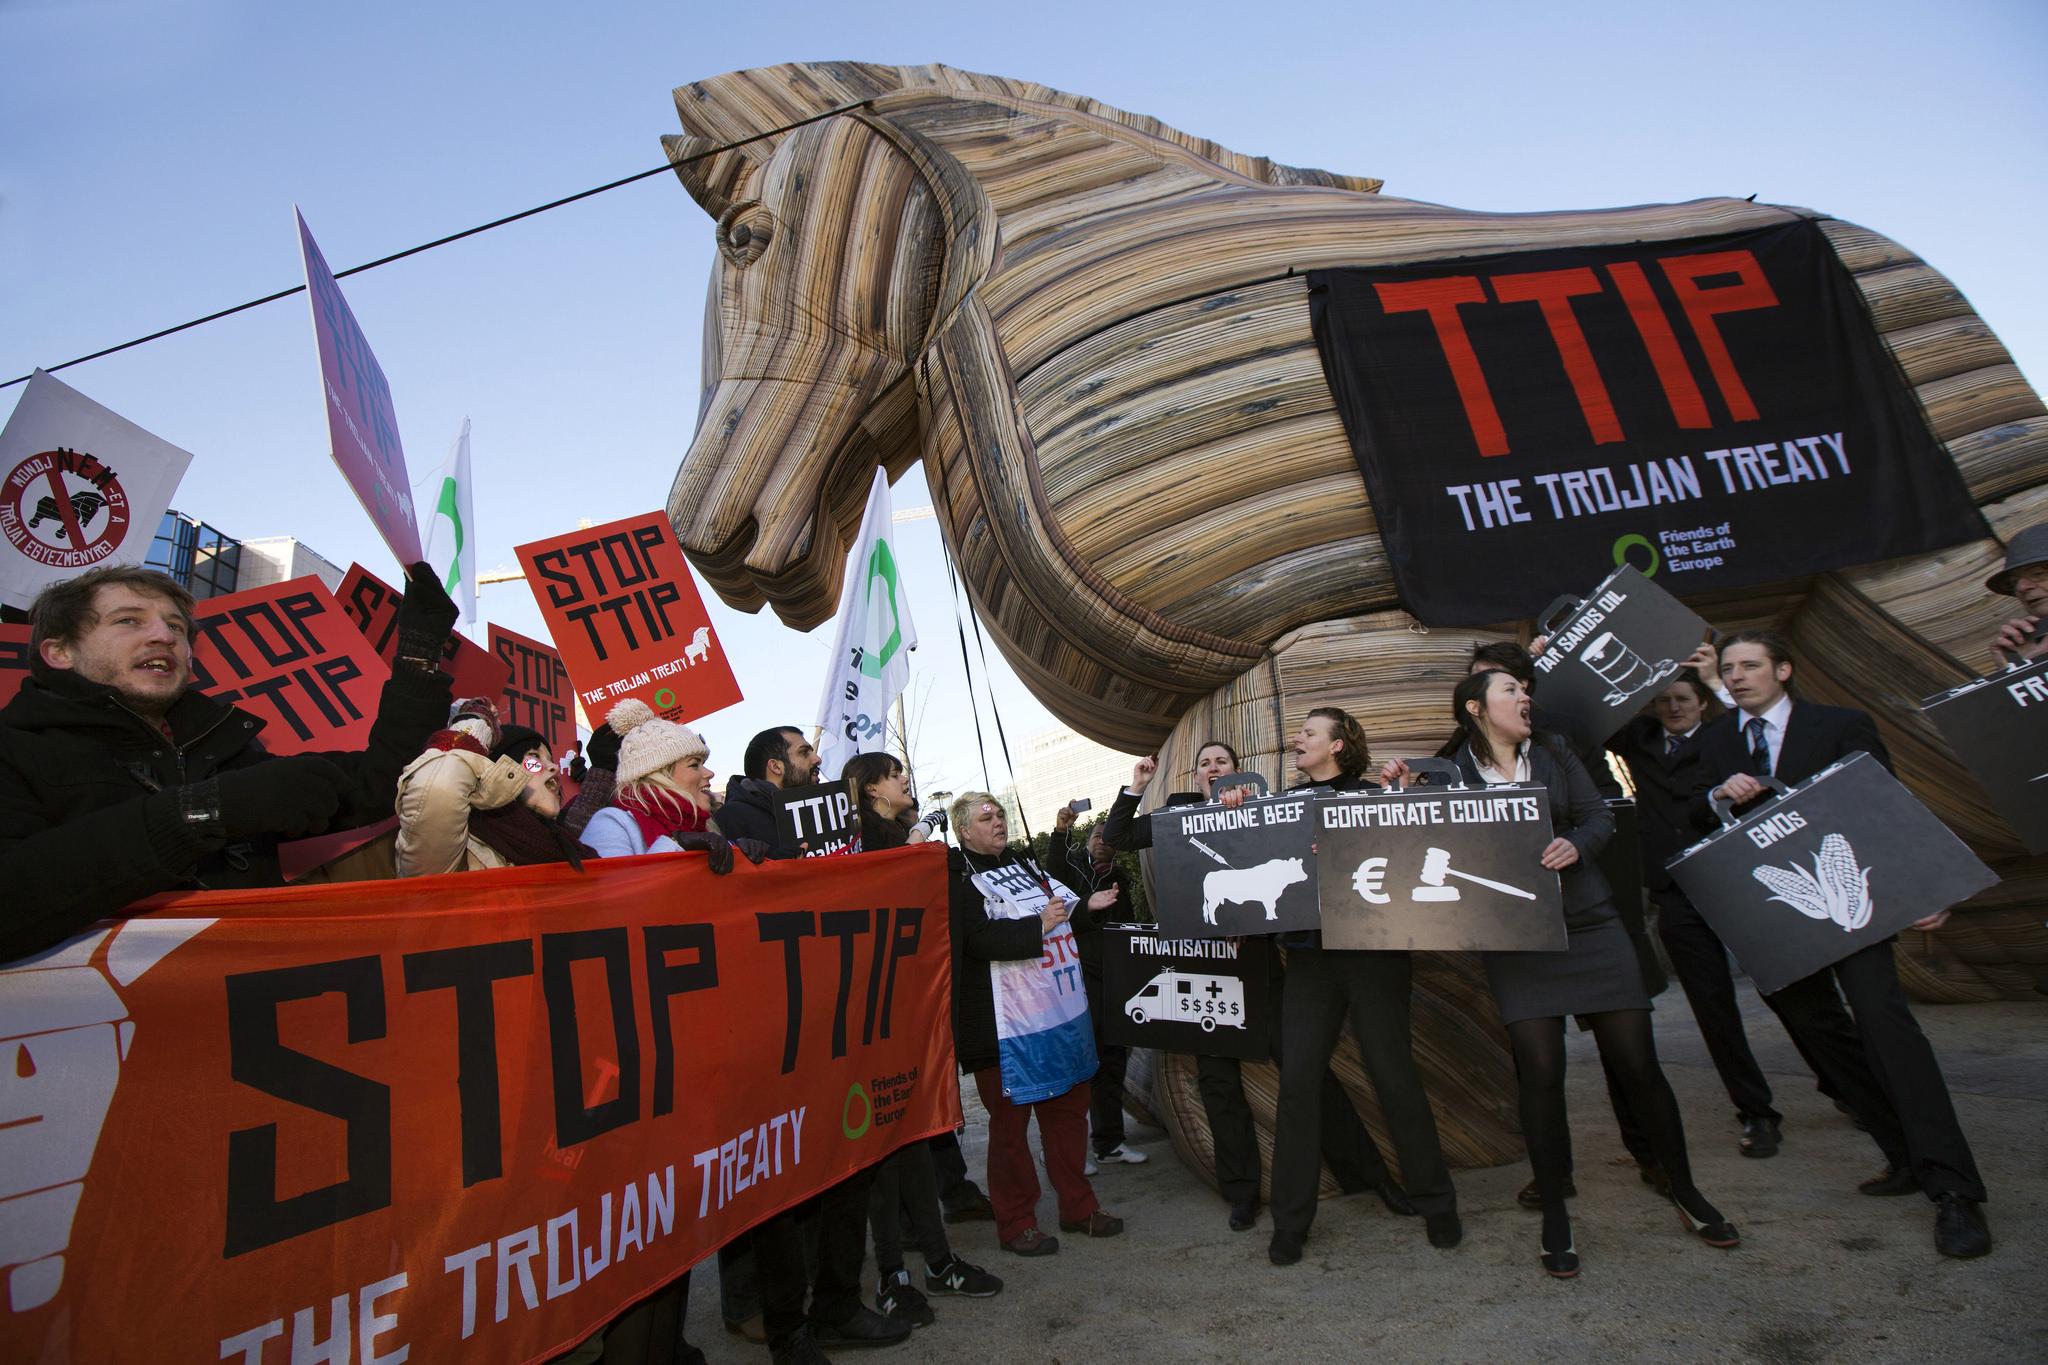 Manifestazioni contro il TTIP a Bruxelles, febbraio 2015 / Flickr